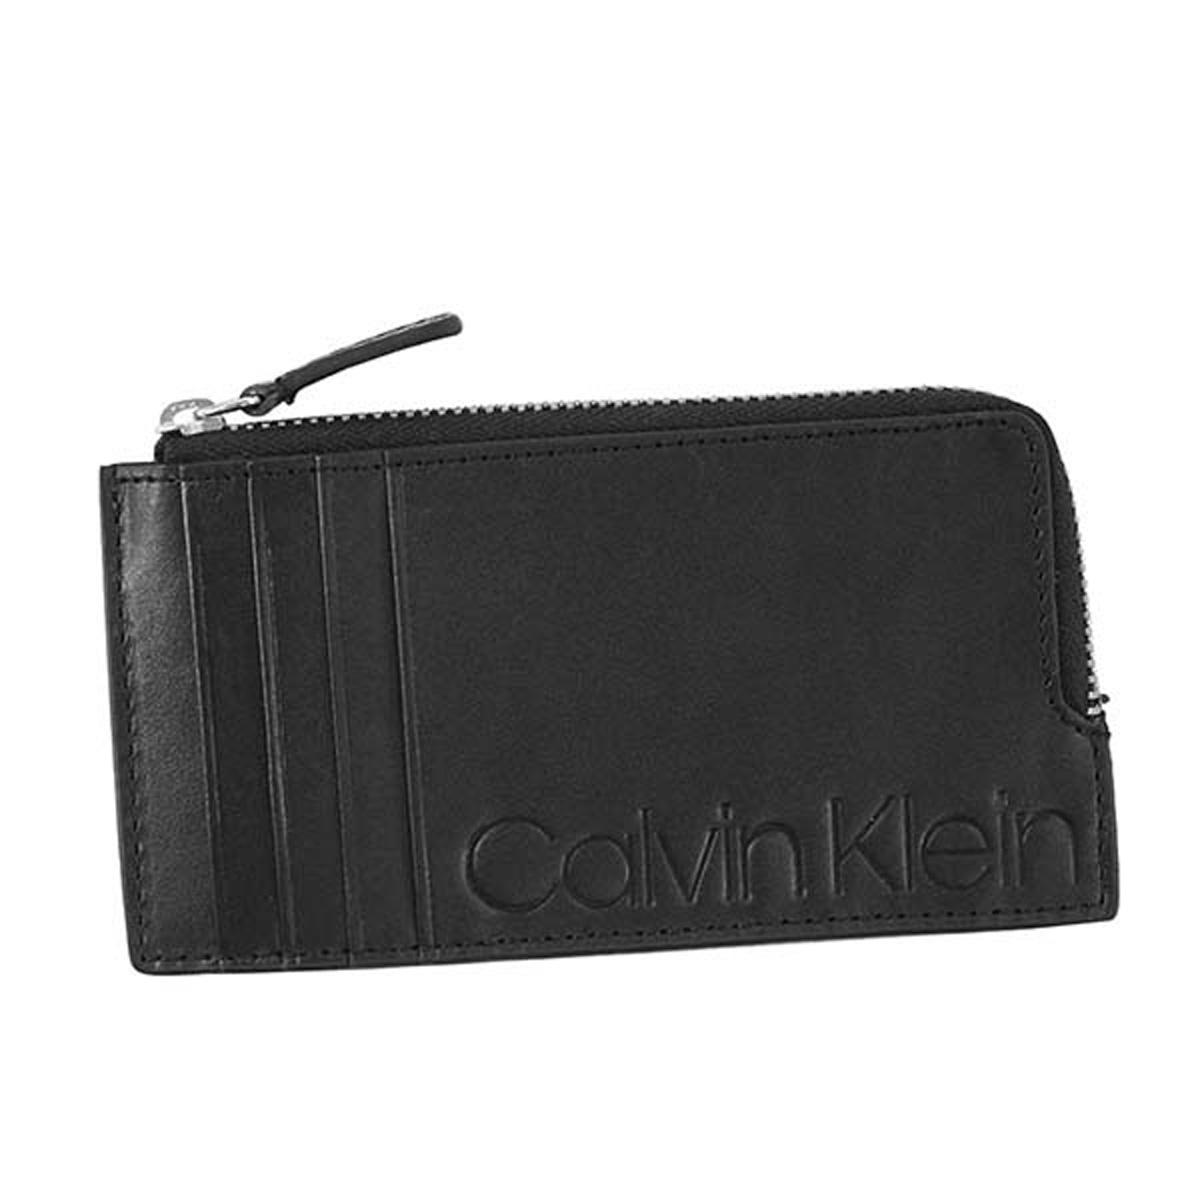 カルバンクライン Calvin Klein CK 79816 ZIP CARD CASE 小銭入れ付き カードケース BLACK ブラック